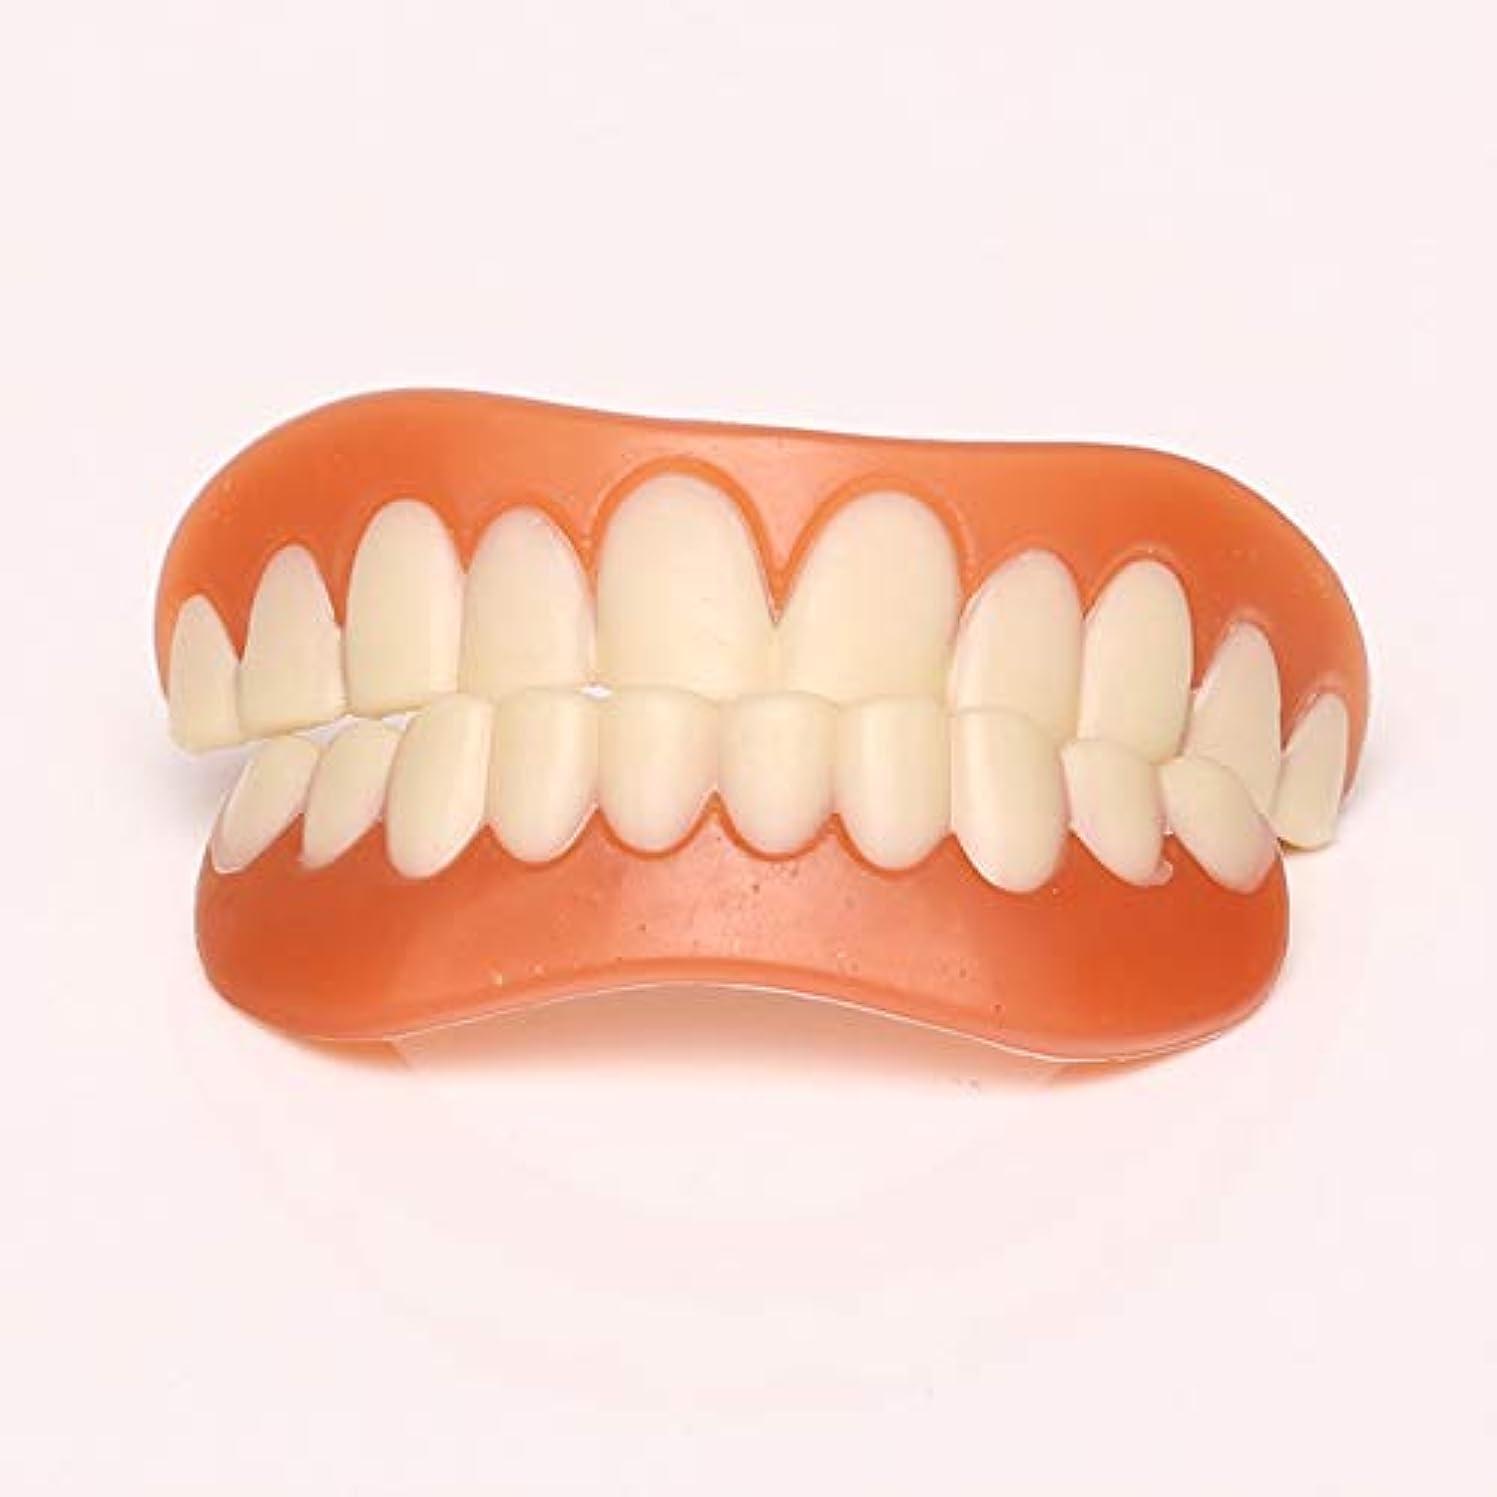 無限中古ステレオ化粧品の歯、白い歯をきれいにするための快適なフィットフレックス歯ソケット、化粧品の歯義歯の歯のトップ化粧品、5セット